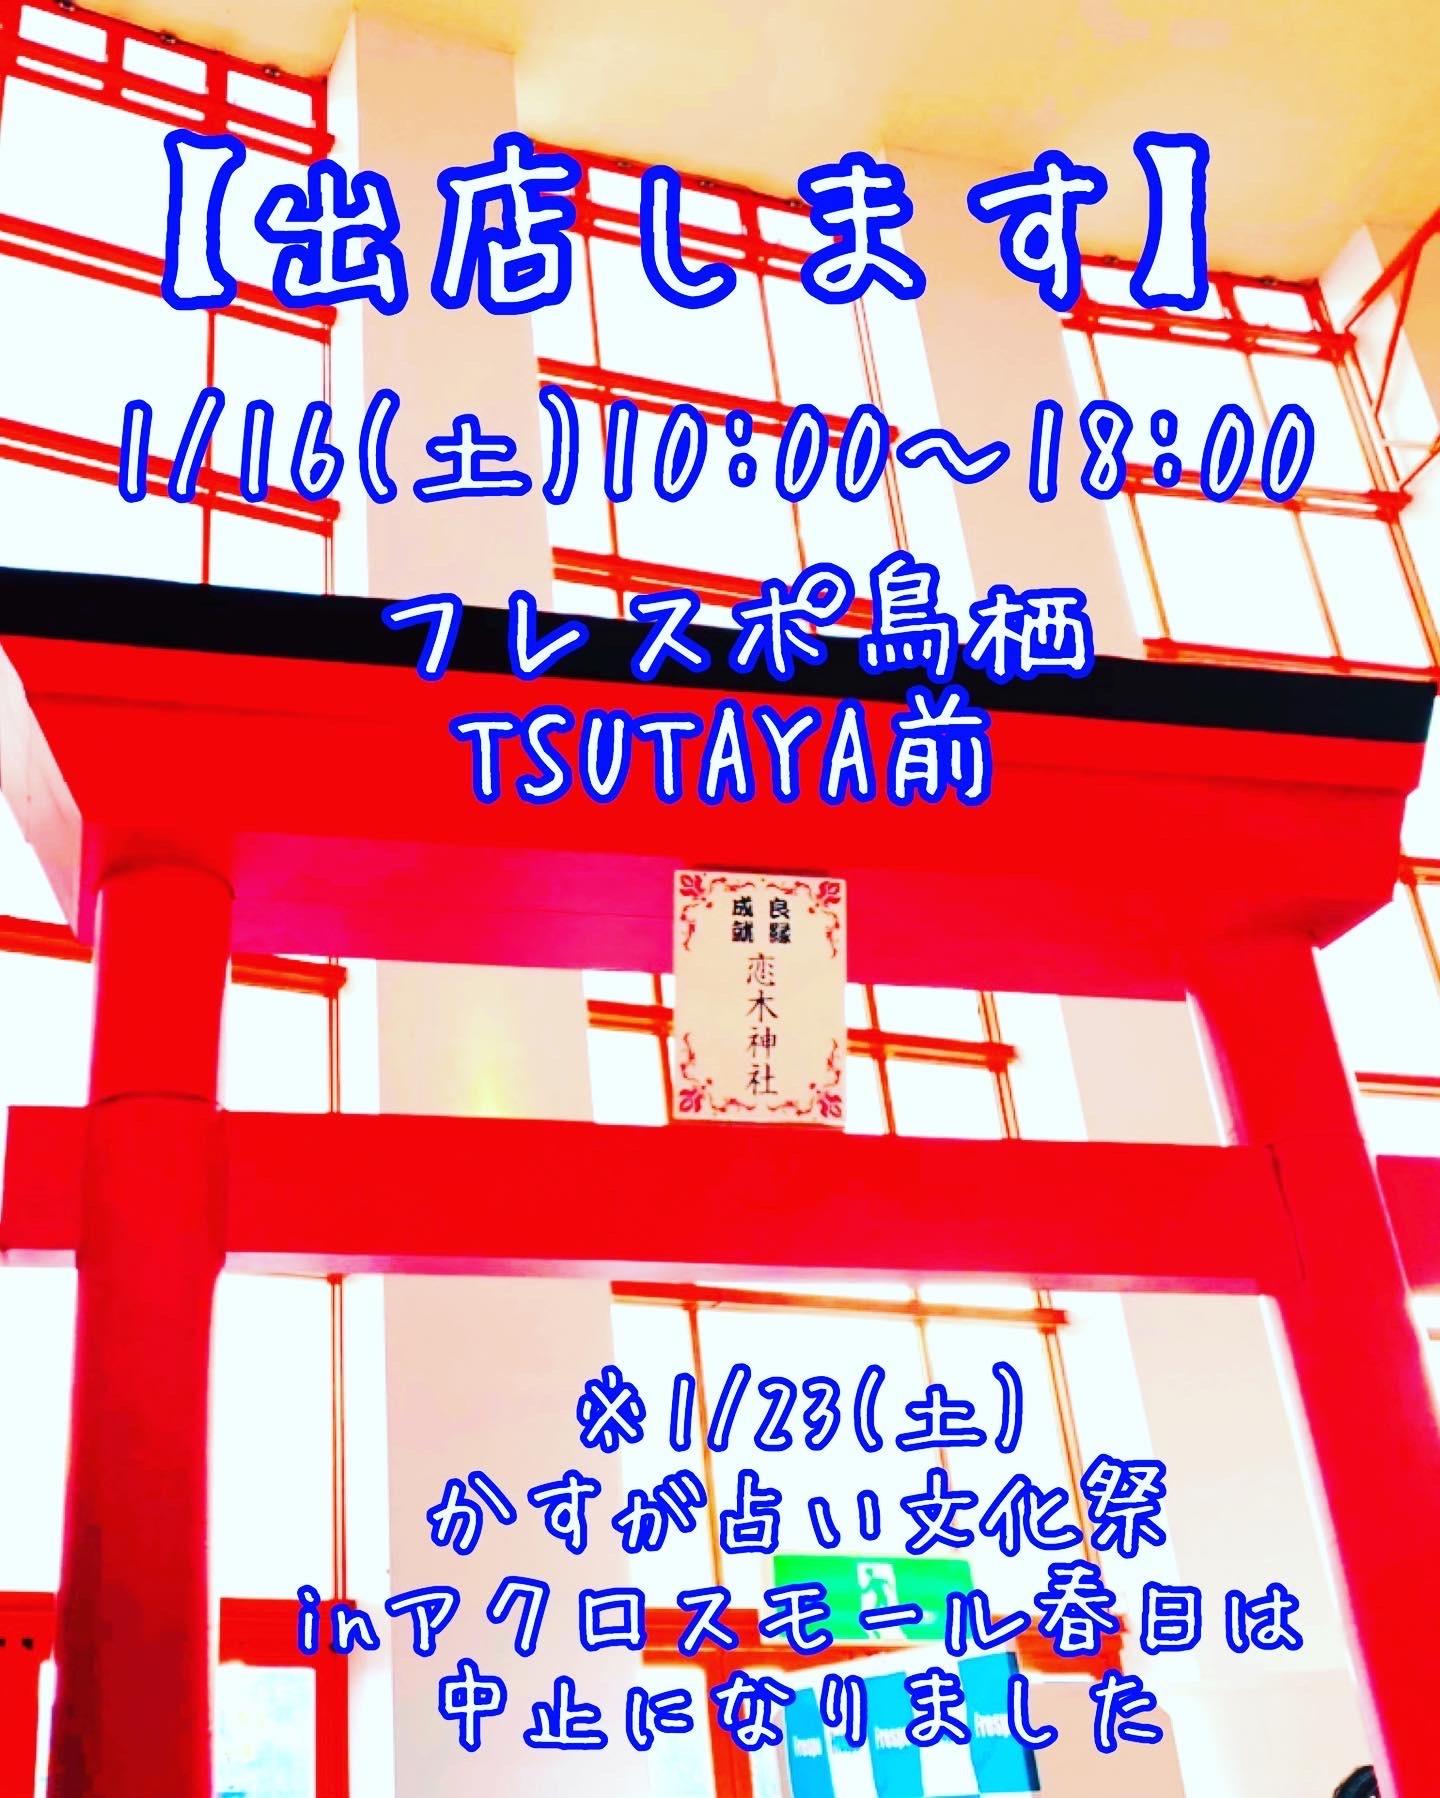 f:id:hana_su-hi:20210115215933j:image